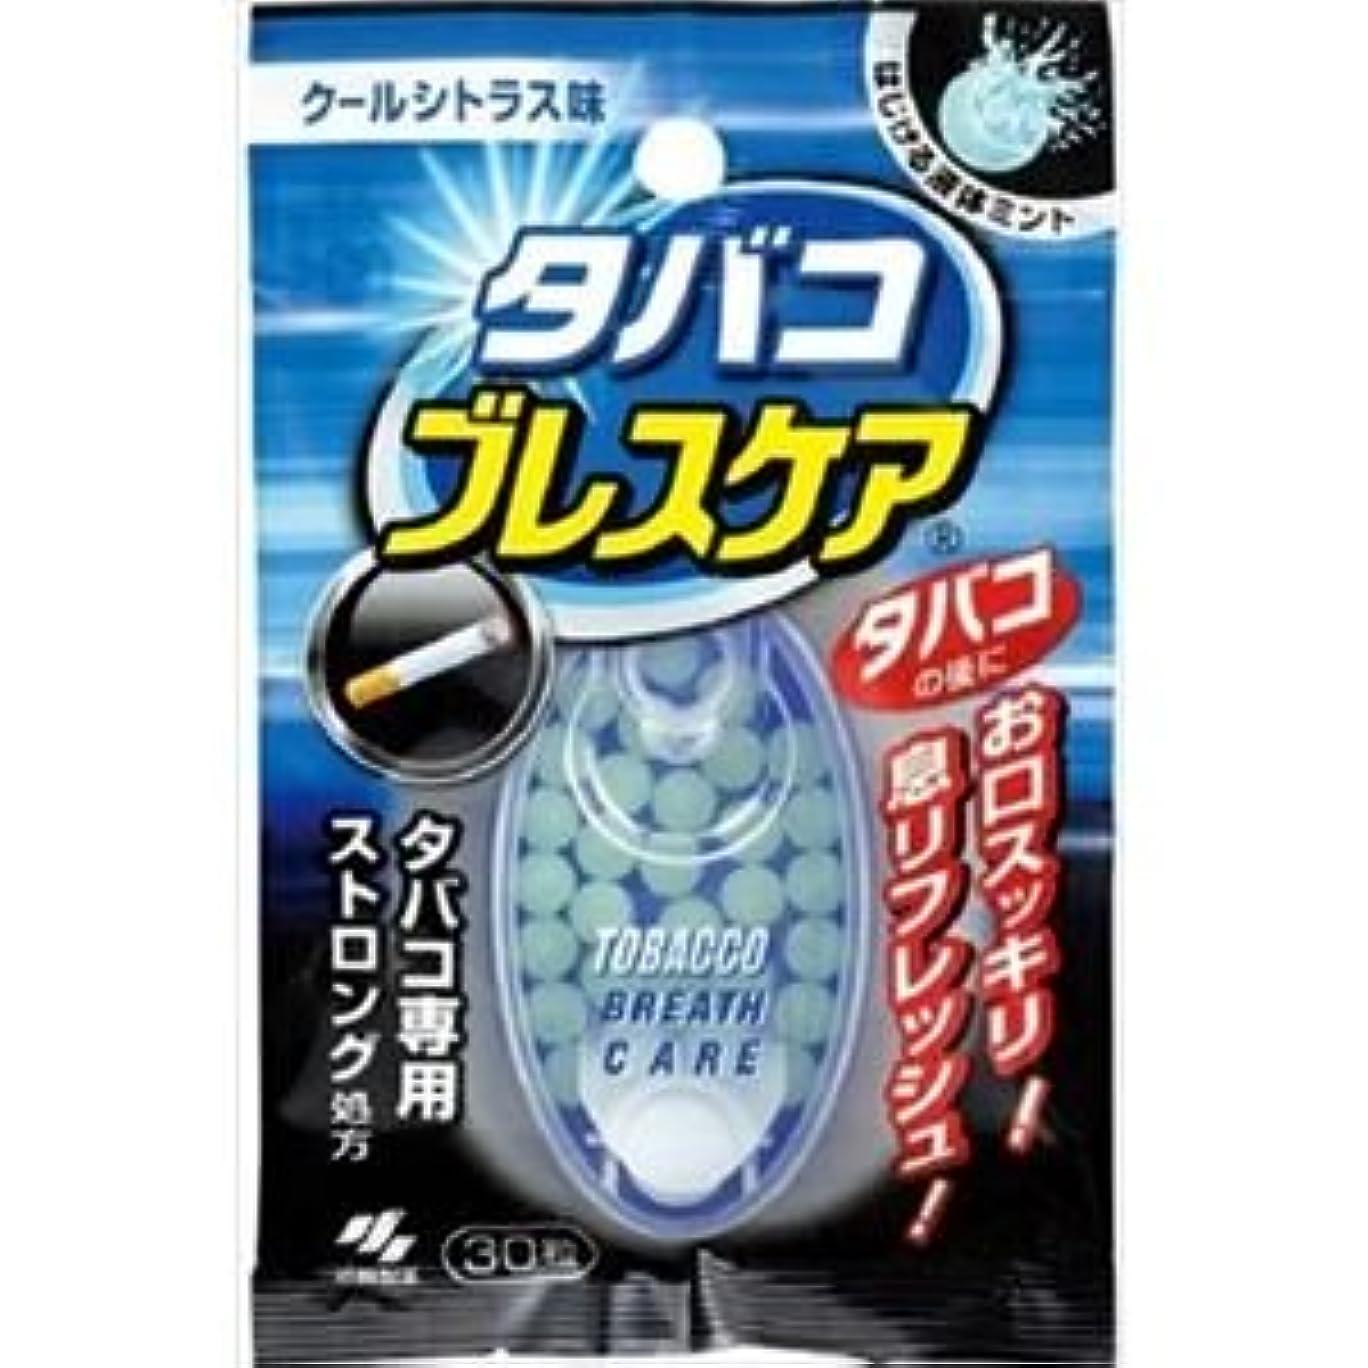 乱れトークキャンパス(まとめ)小林製薬 タバコブレスケア 30粒 【×6点セット】